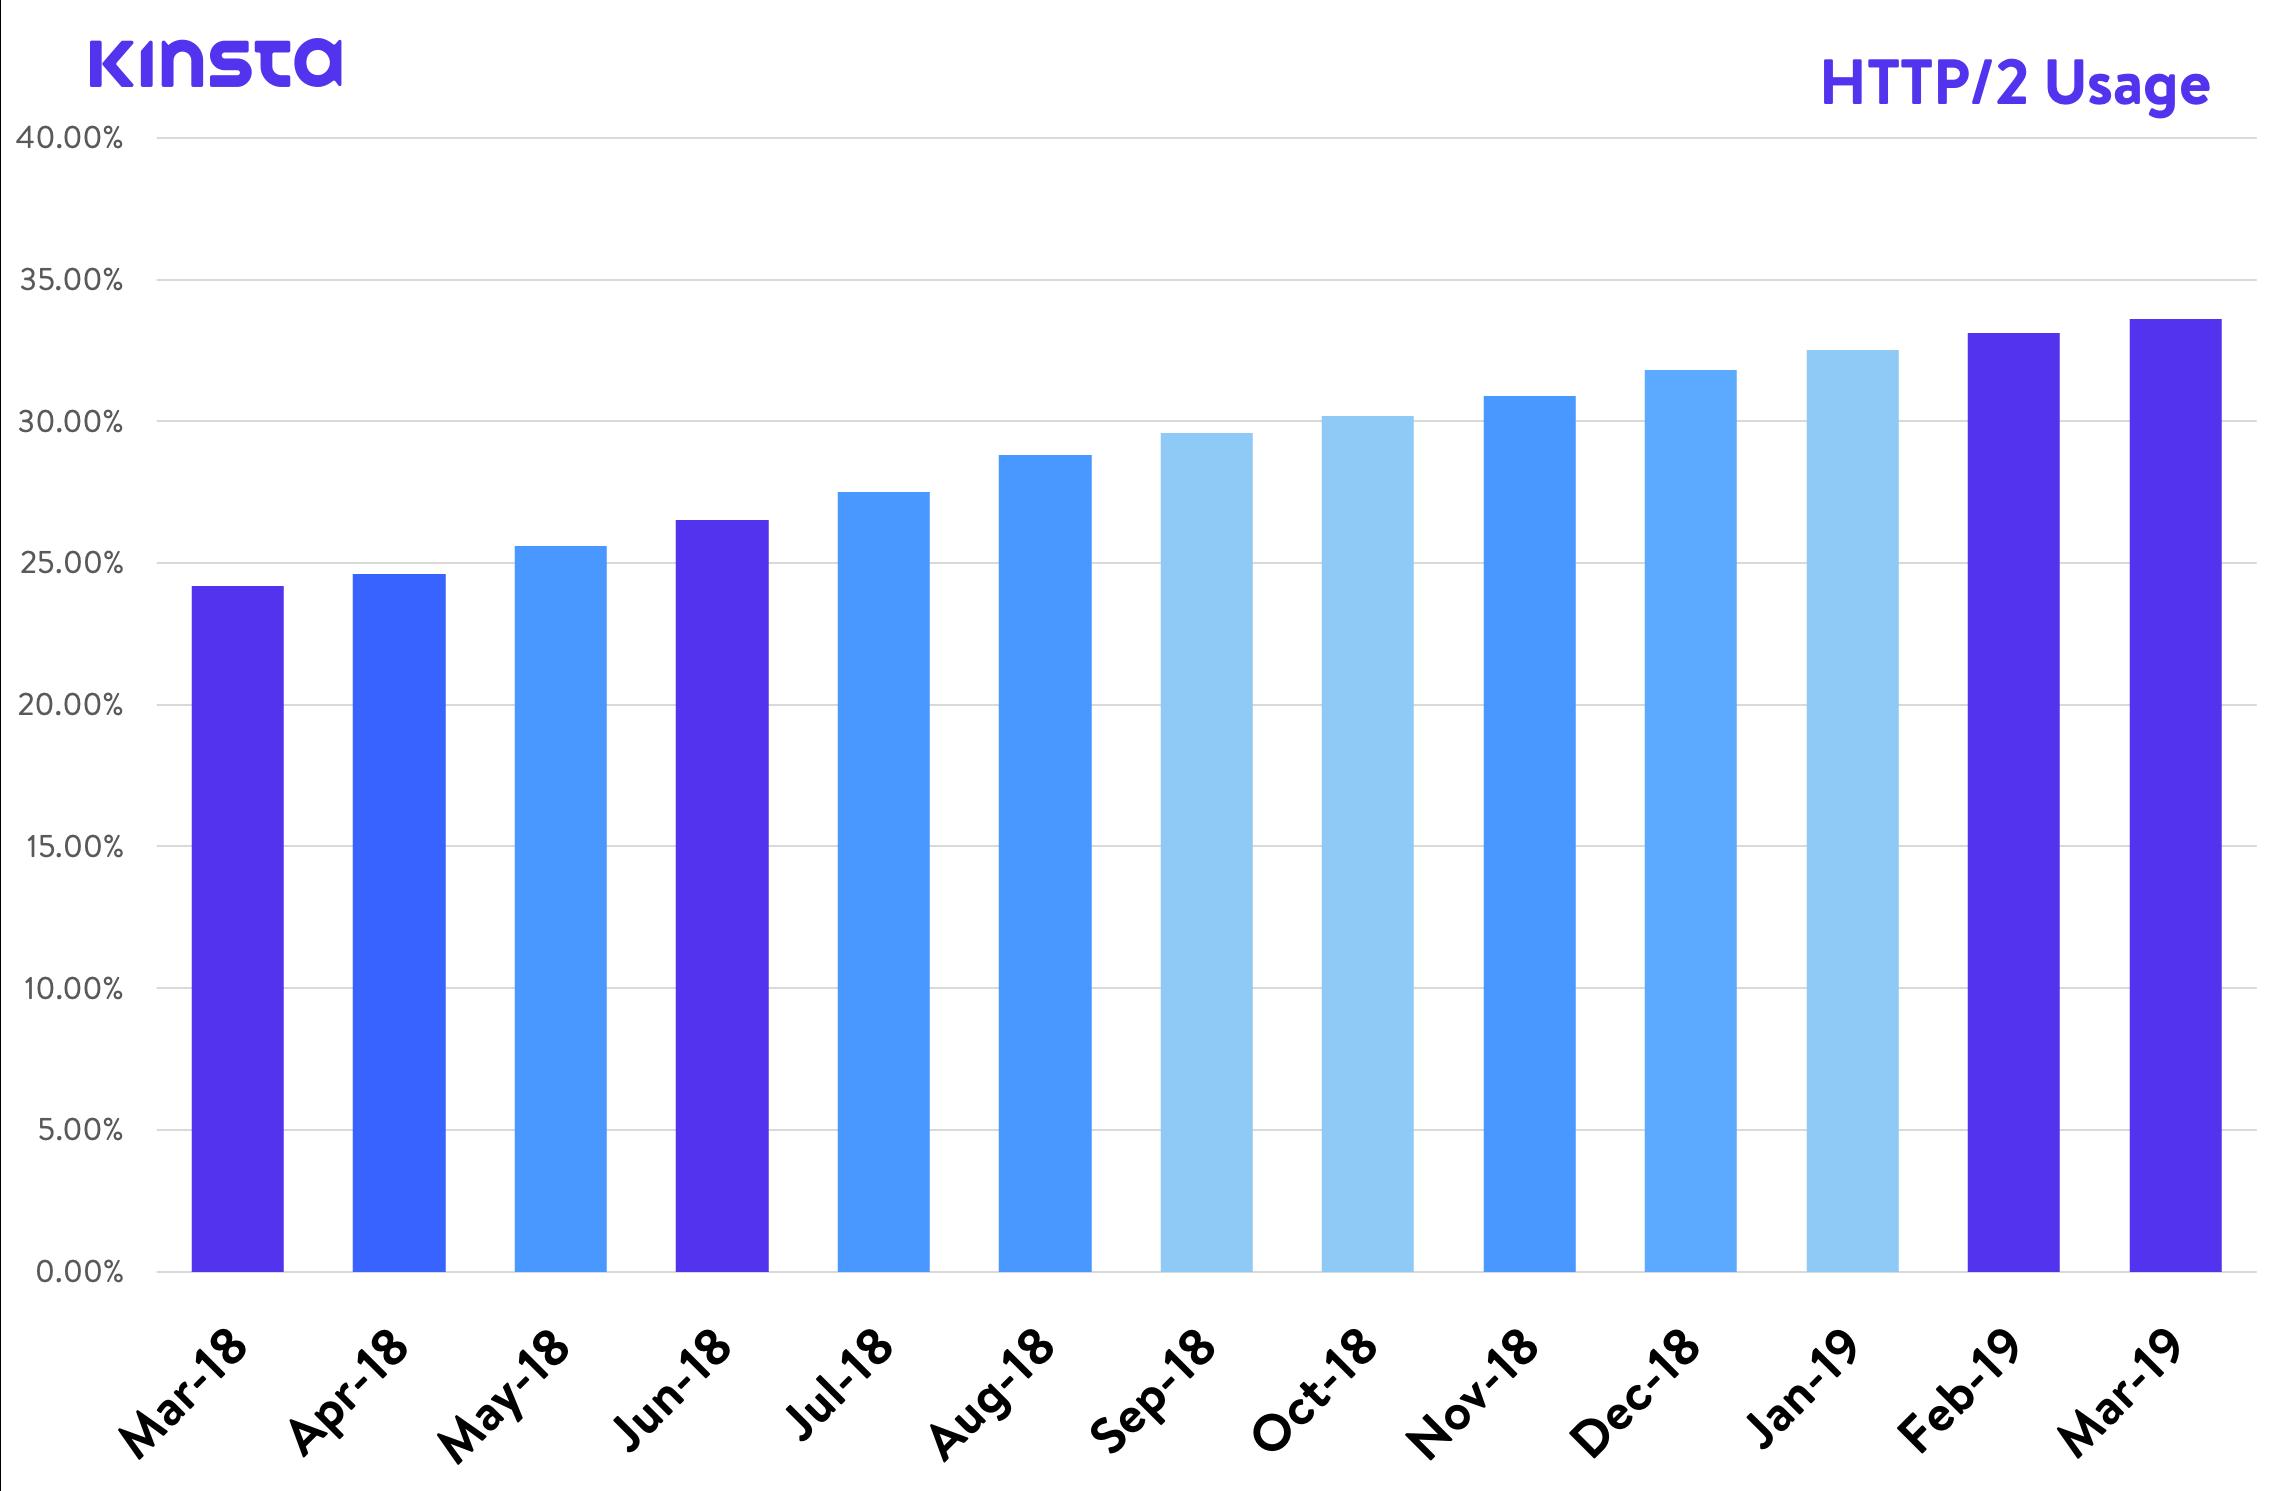 HTTP/2 Usage